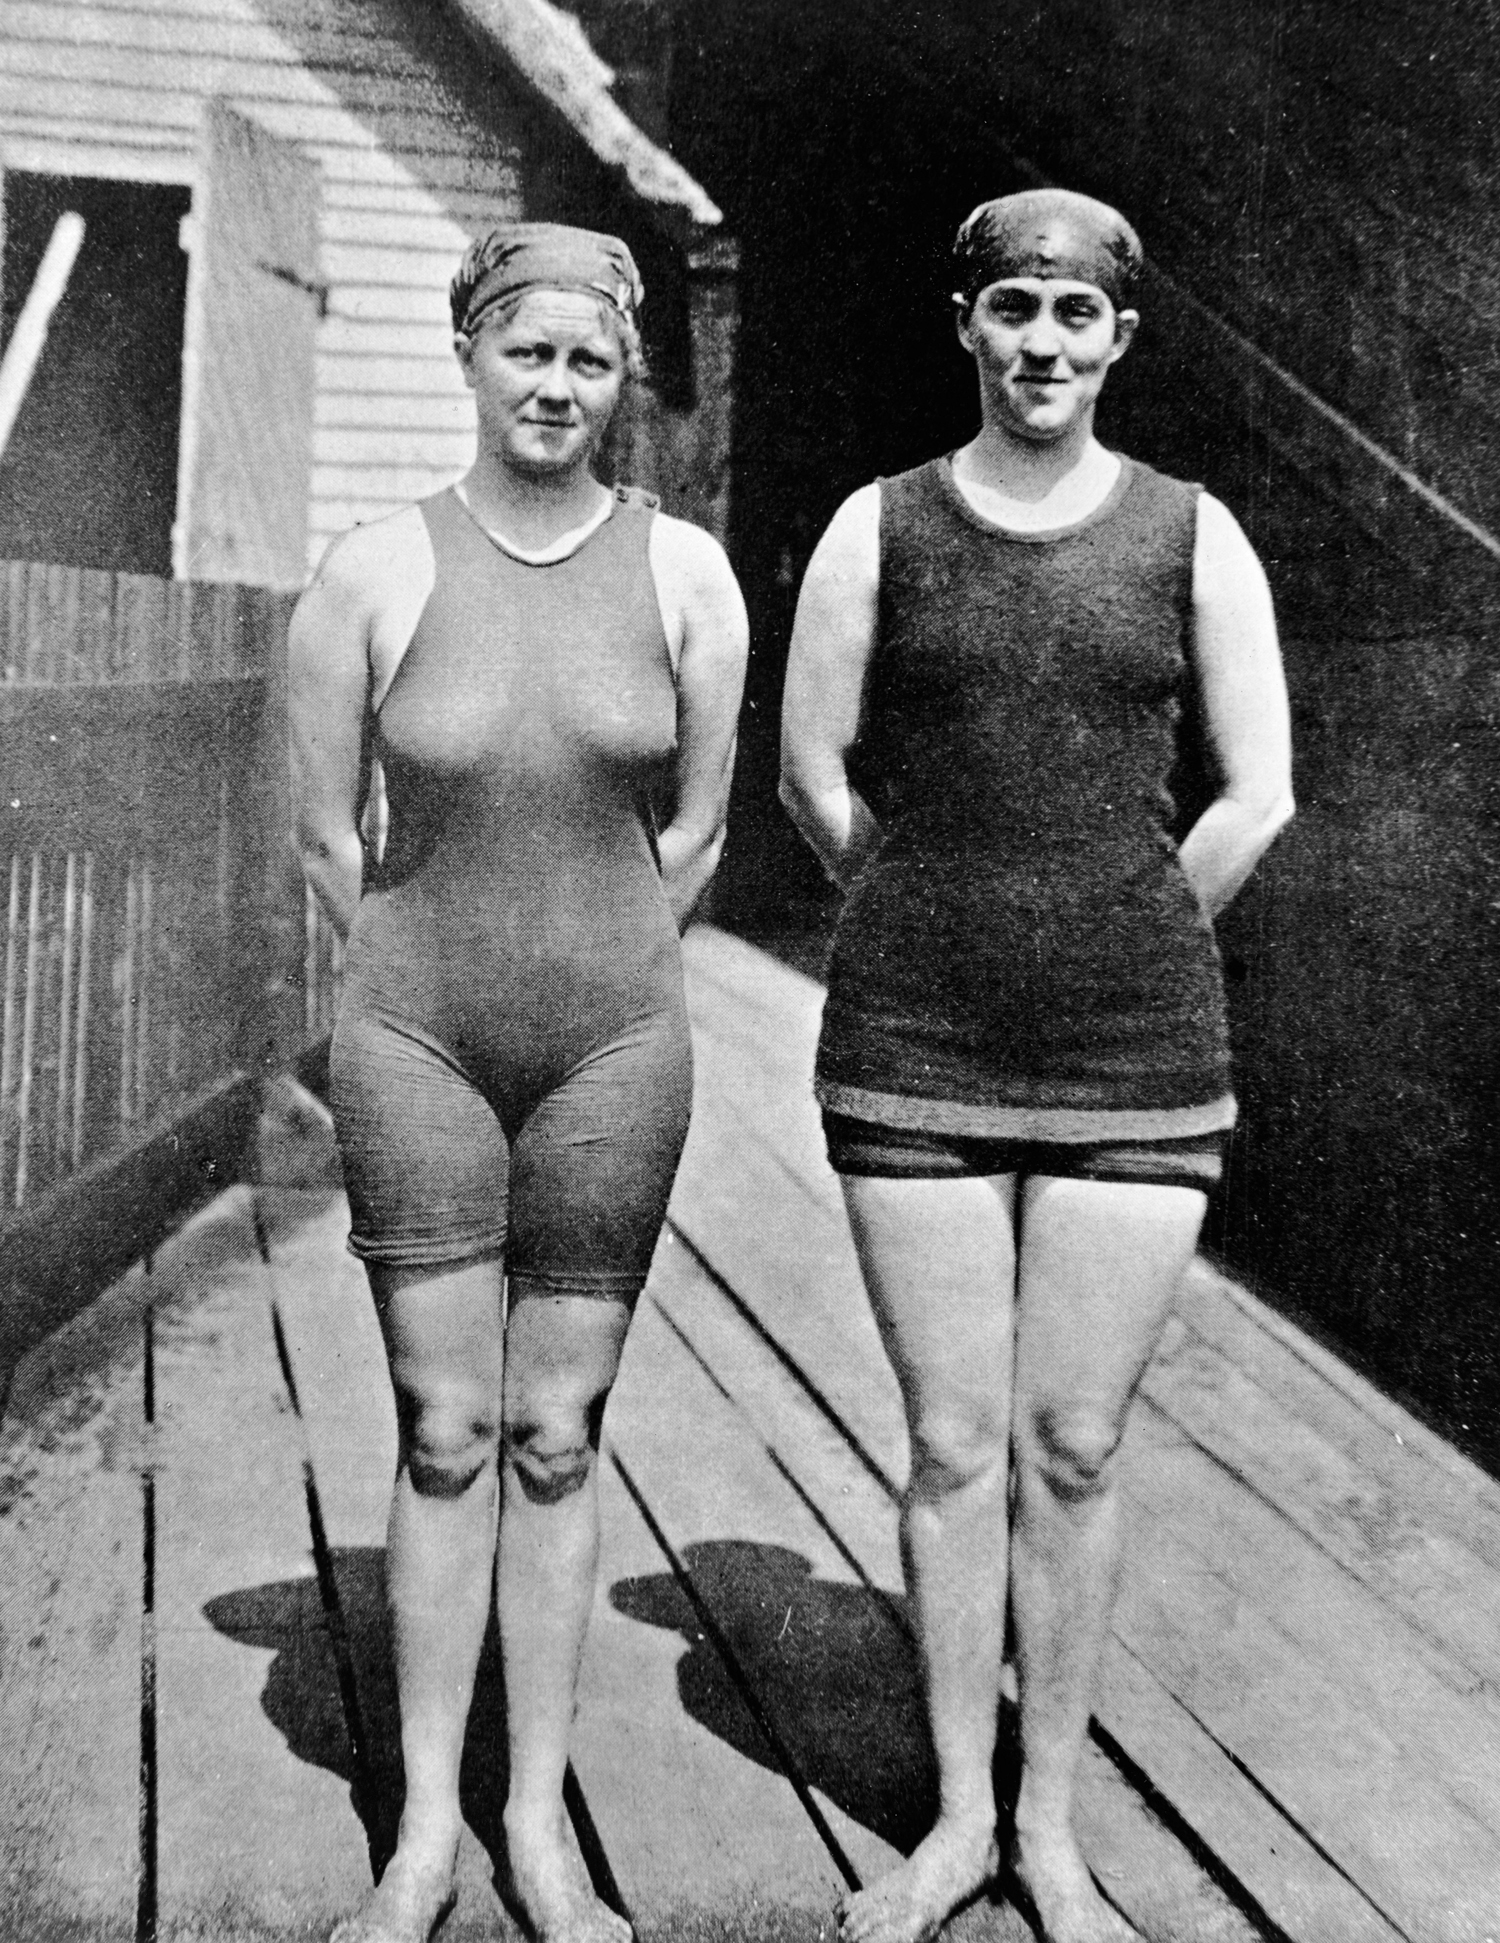 Nézd meg, milyen ruhákban versenyeztek az olimpikonok régen!